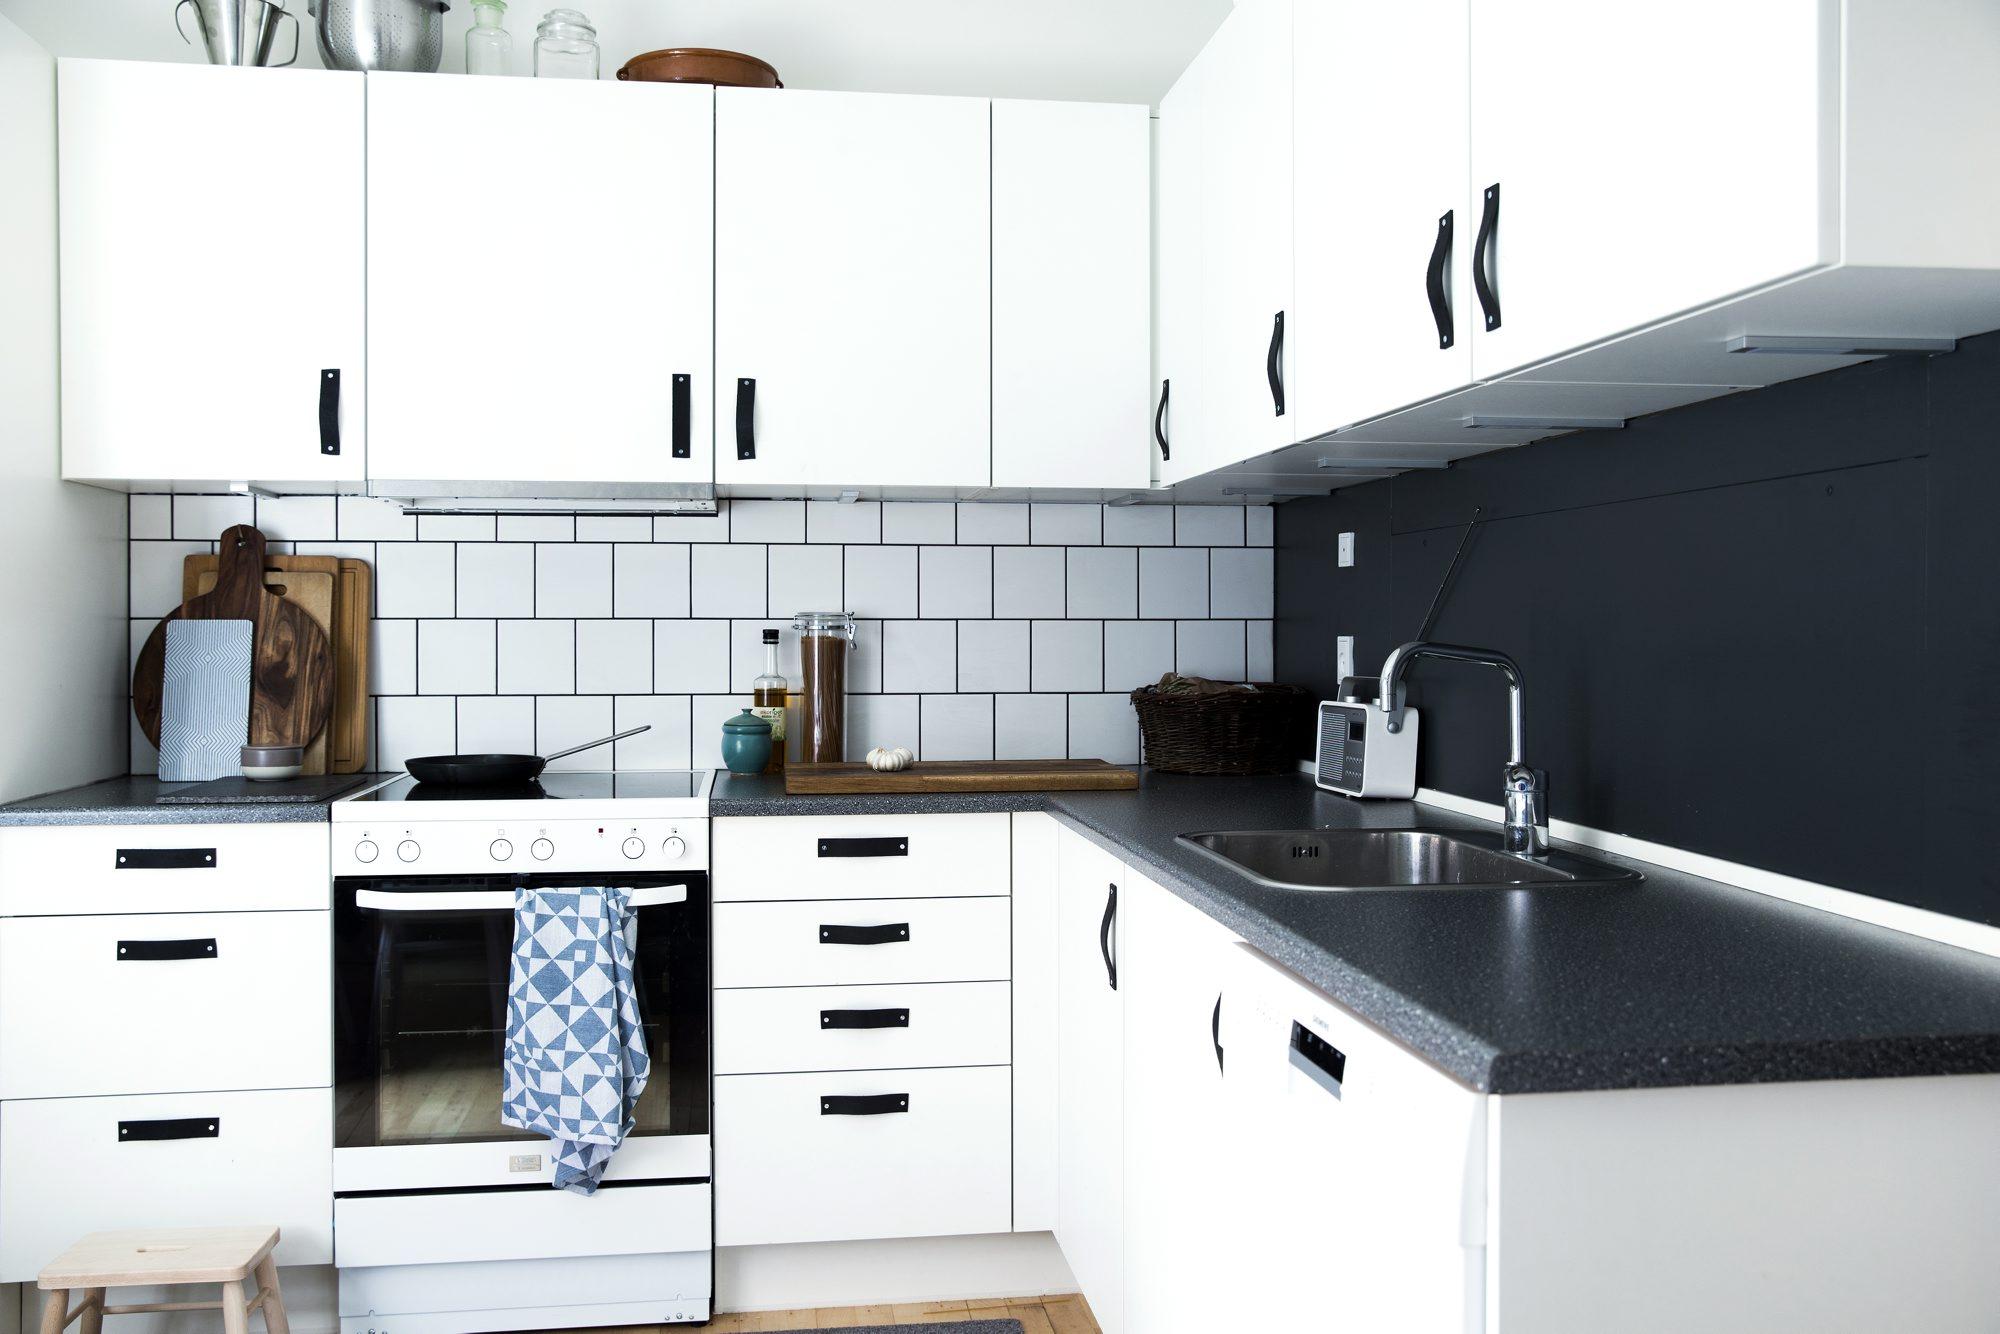 SLIPP KREATIVITETEN LØS: Stålplaten over komfyren ble erstattet av flisene Harmony fra Höganäs. De nøytrale stålhåndtakene ble skiftet ut med svarte lærhåndtak som beboeren laget selv. FOTO: Tia Borgsmidt